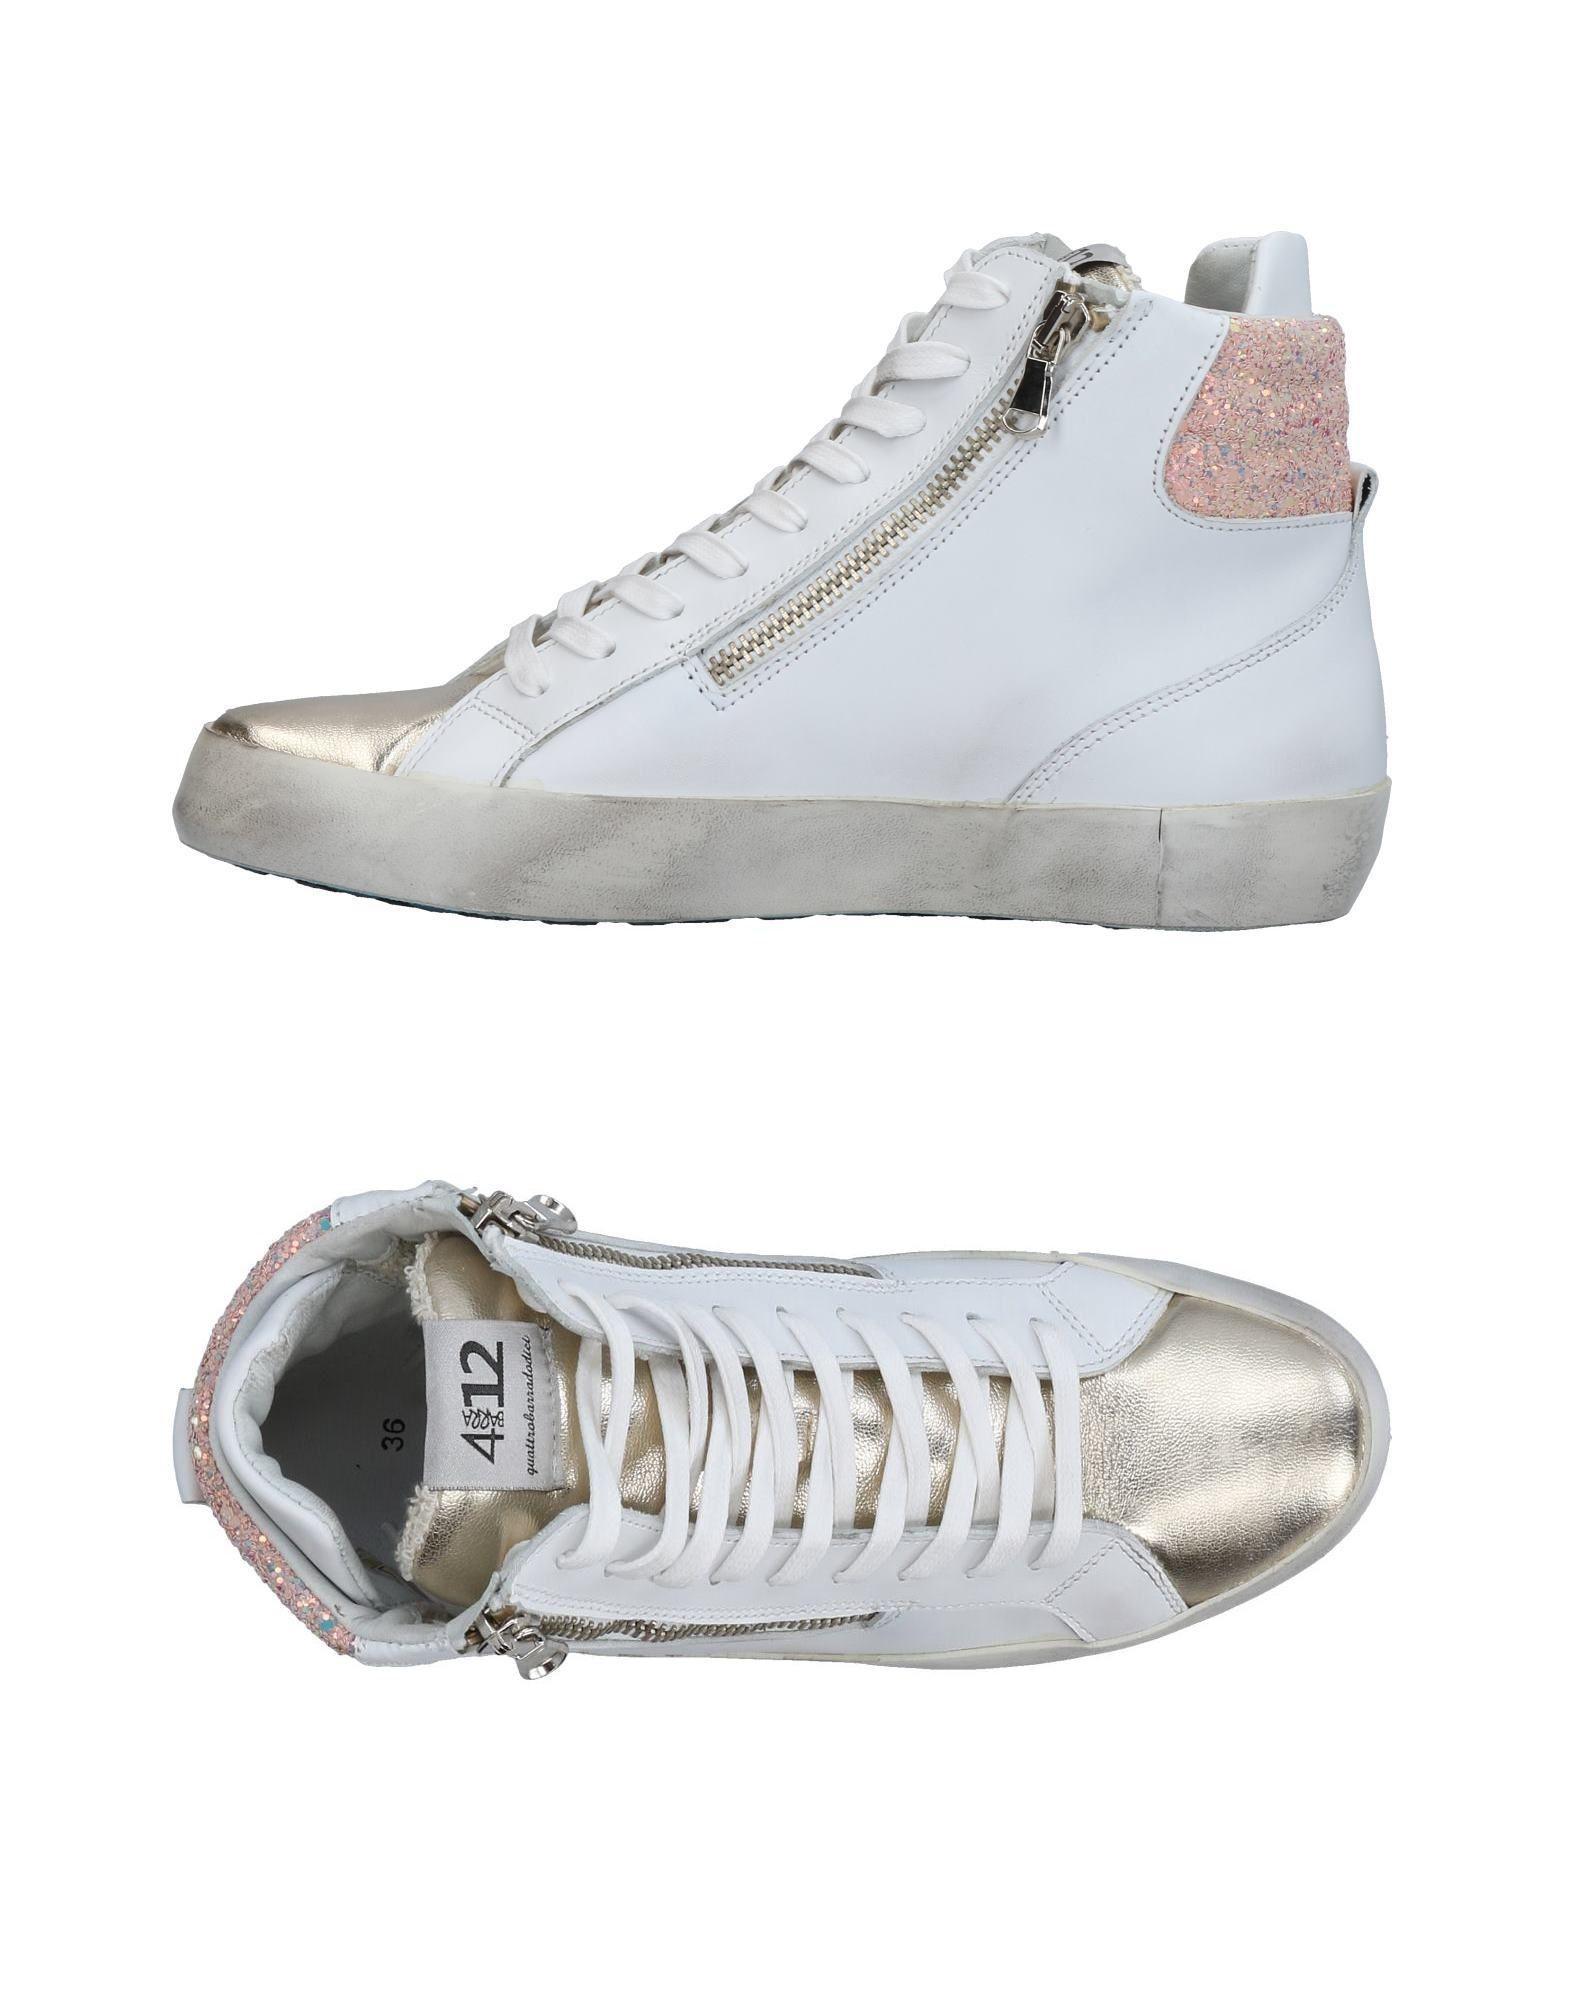 25a46260b827 Sneakers Tennis en Quattrobarradodici Lyst Blanc montantes coloris amp   d1nxqB